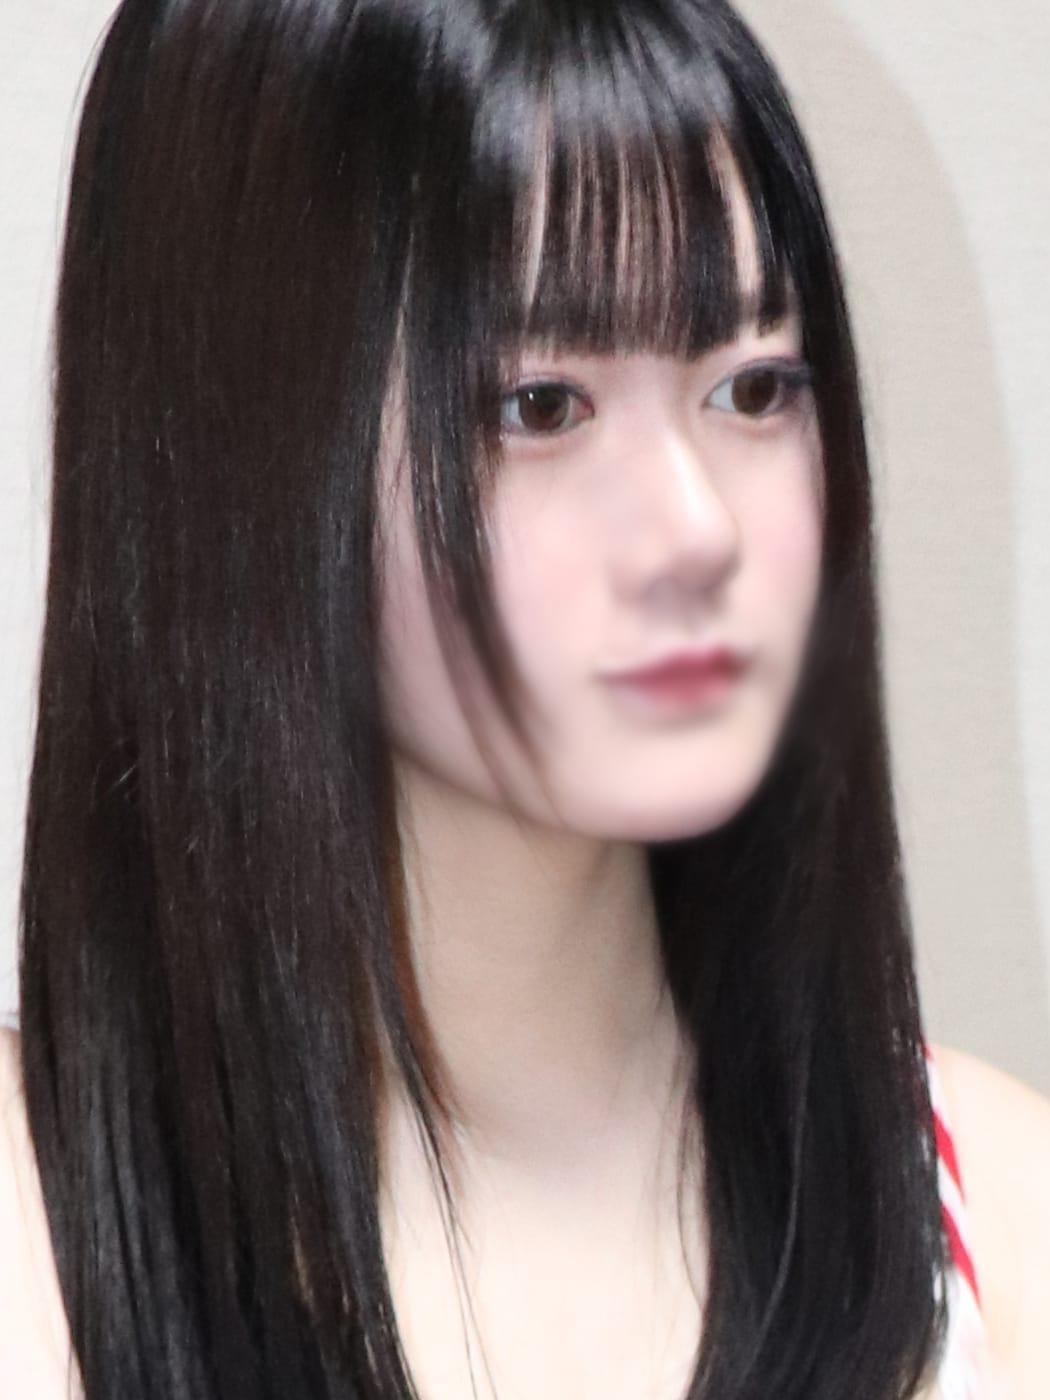 マリア【店長おススメ美少女】